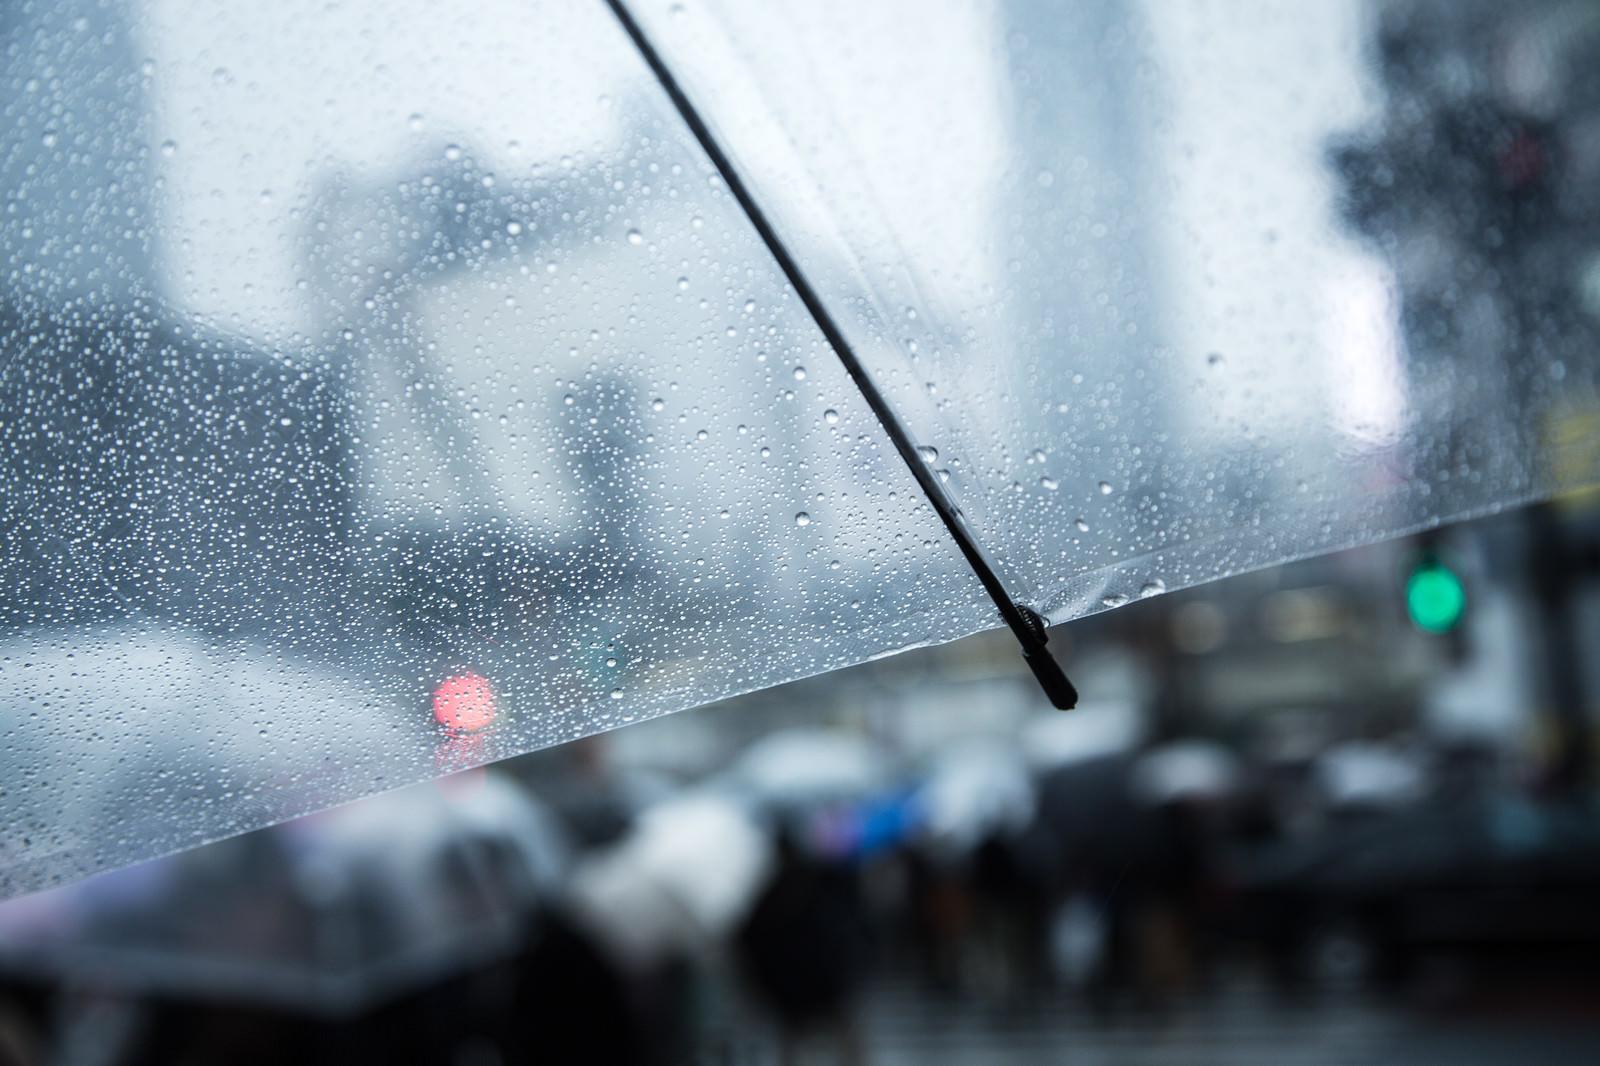 「無料素材 写真 雨」の画像検索結果